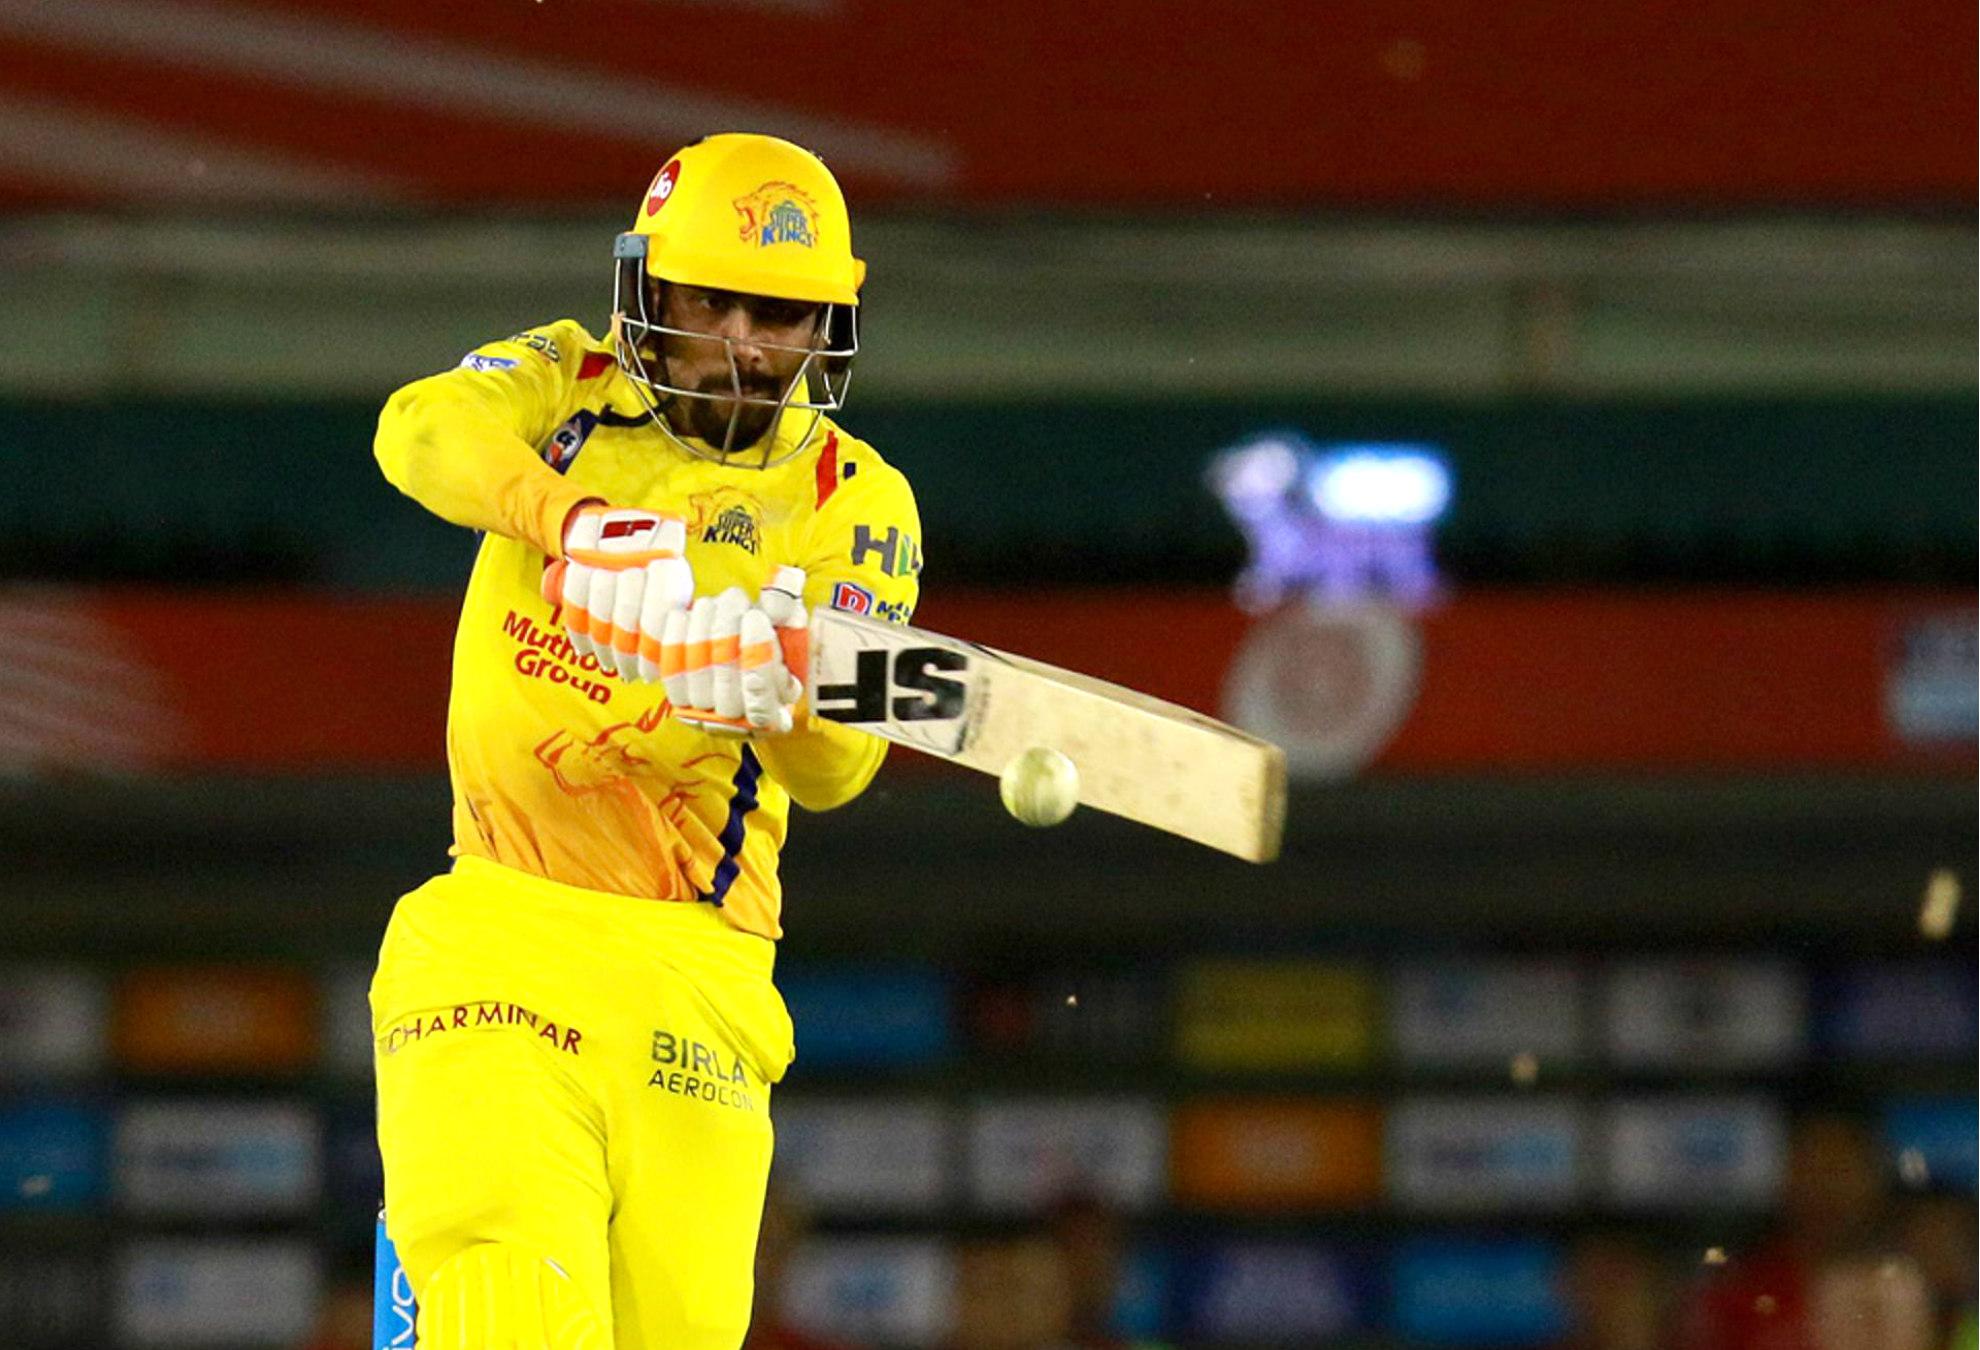 रविंद्र जडेजा आलराउंडर प्रदर्शन कर आज दिला सकते है चेन्नई को जीत, ये रही वजह